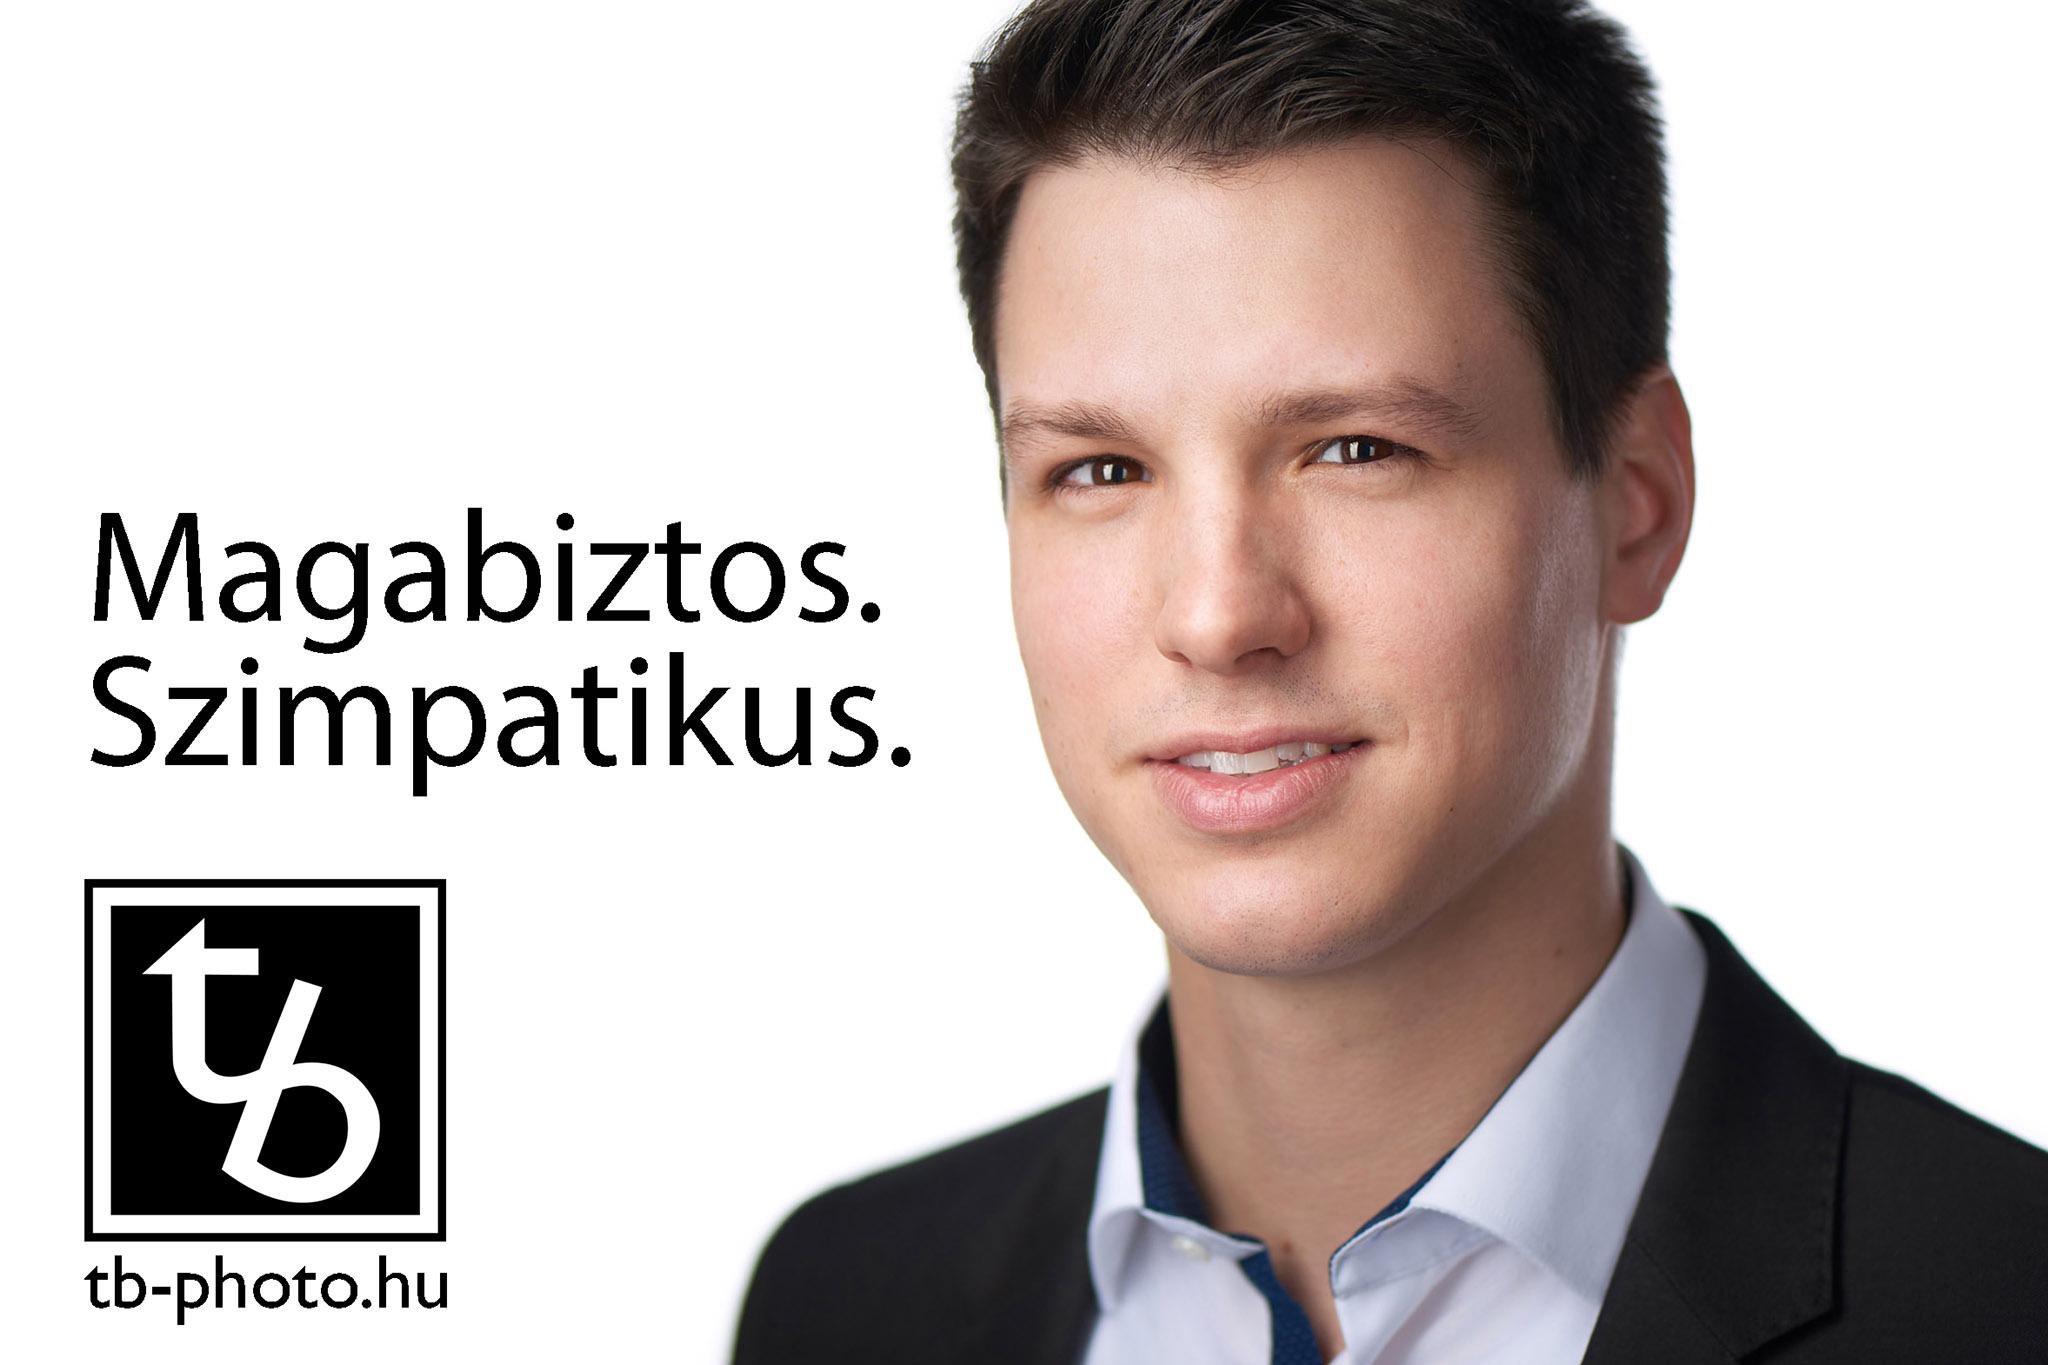 FIVOSZ tag: Tóth Balázs Fotóstúdió – nincs olyan, hogy valaki nem fotogén – ők is a Fiatal Vállalkozók Országos Szövetségének lelkes tagjai